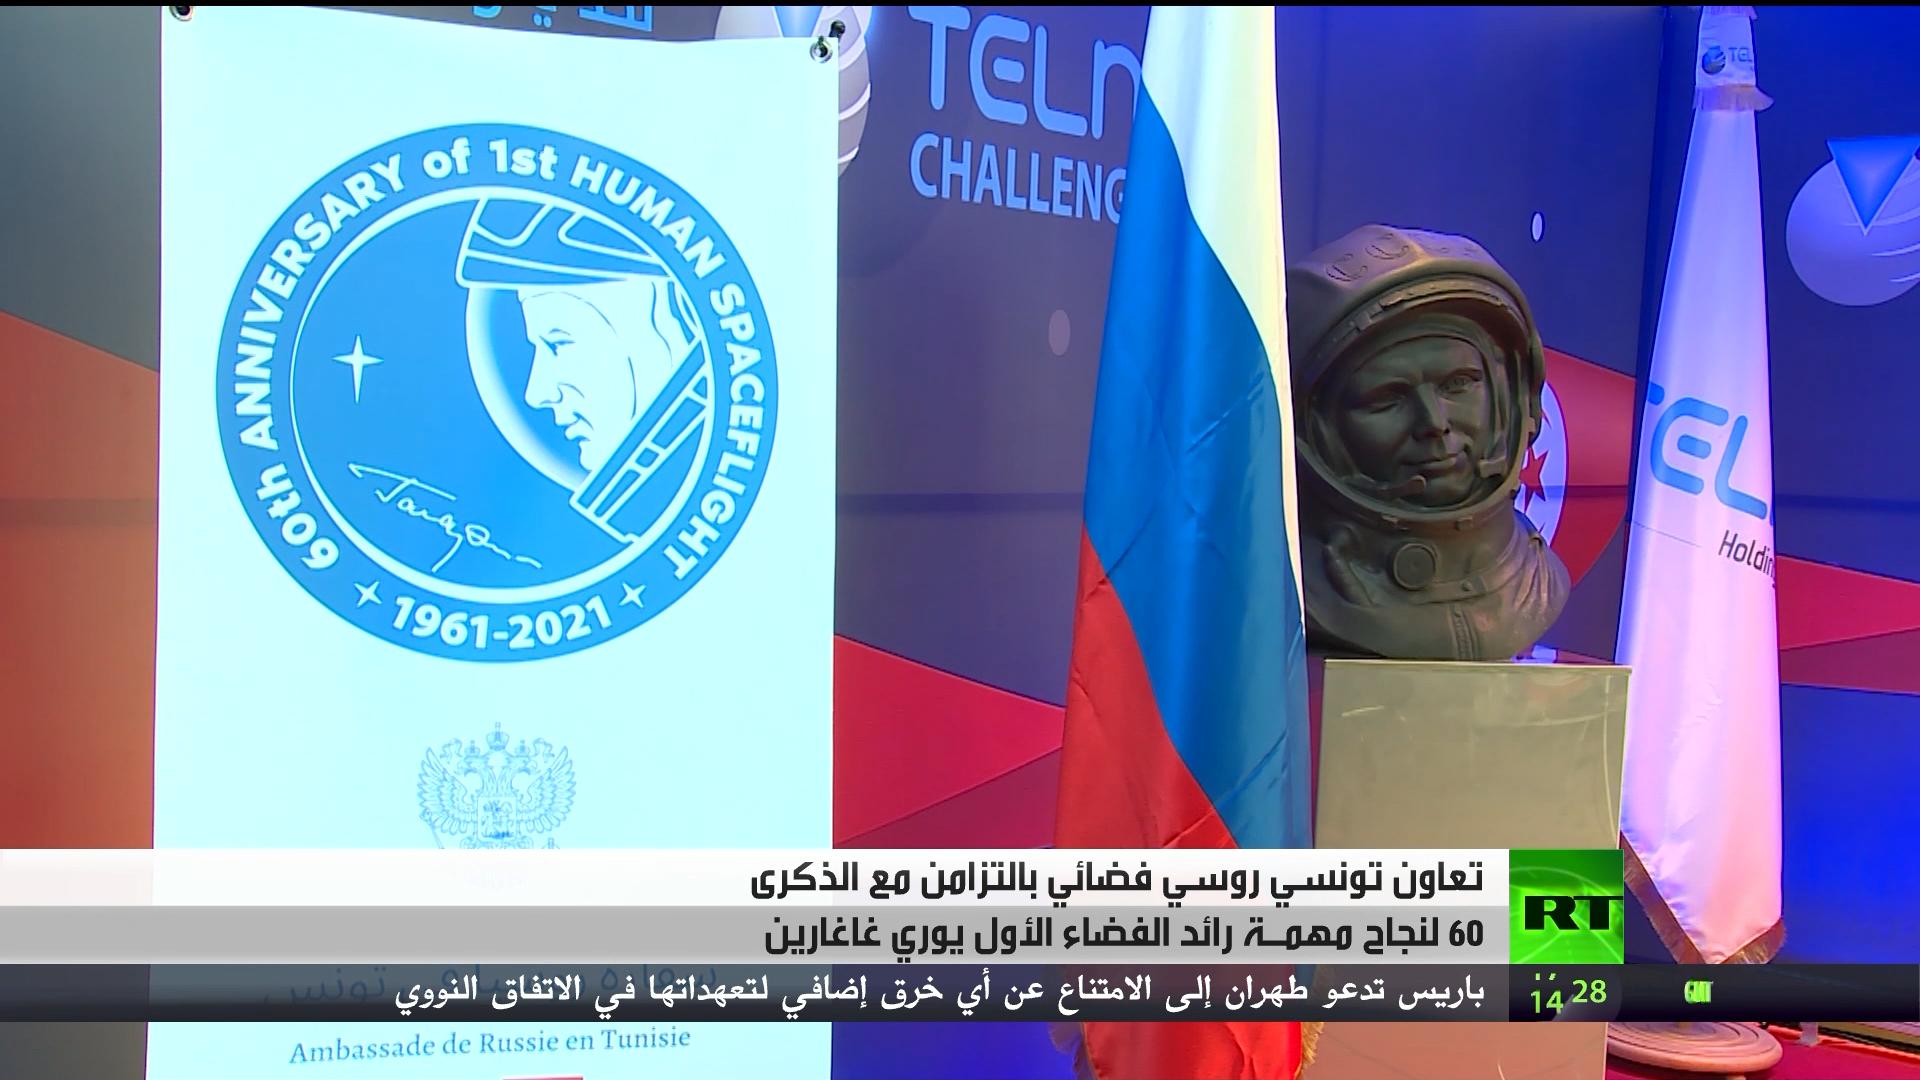 تونس وروسيا.. تعميق التعاون الفضائي والتقني